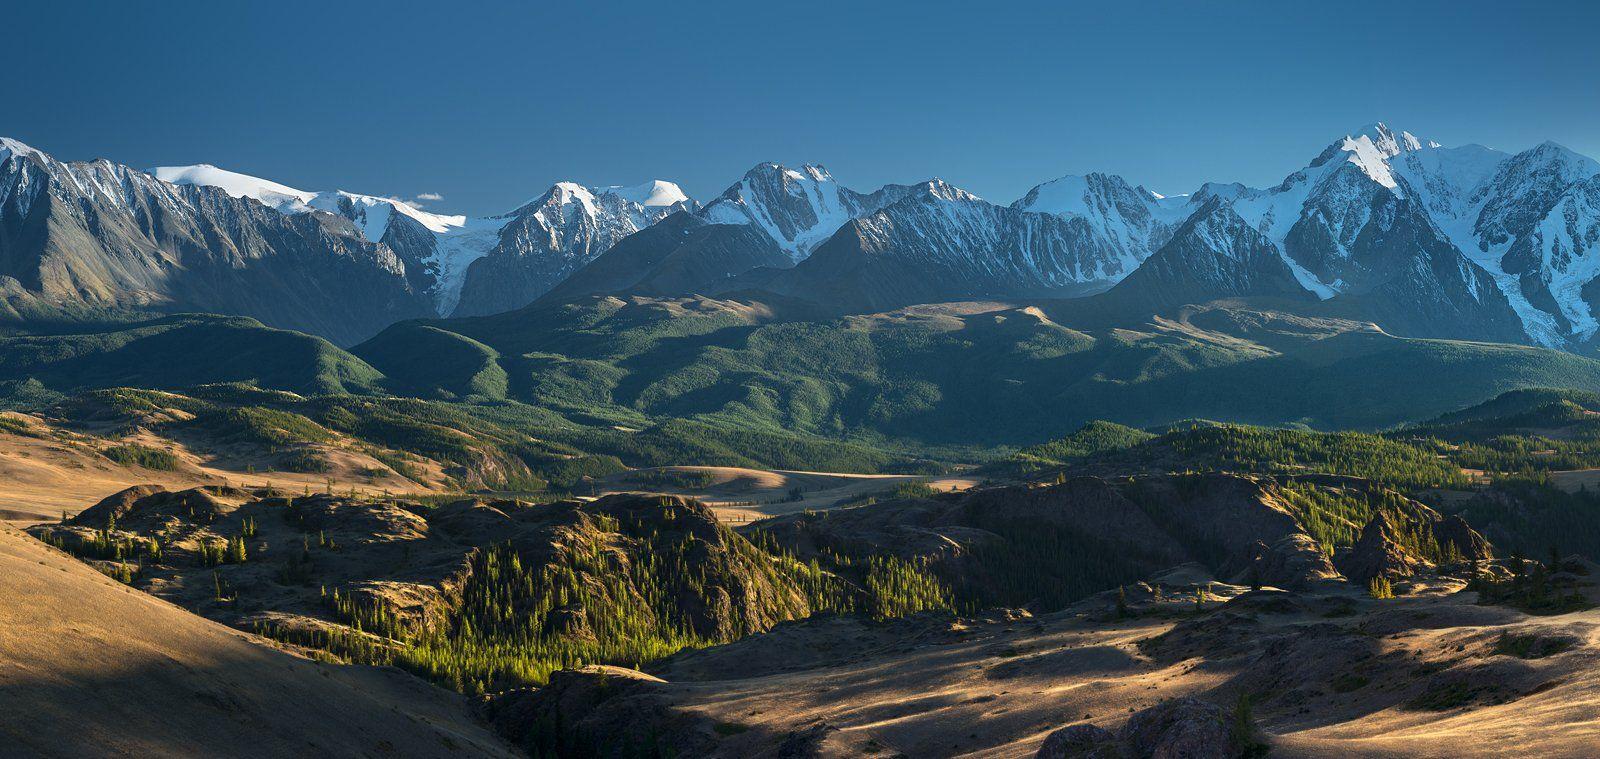 панорама, пейзаж, природа, горы, вершины, хребет, степь, долина, вечер, снег, ледники, камни, скалы, высокий, большой, красивая, Алтай, Сибирь, Курай, Чуйский, Дмитрий Антипов